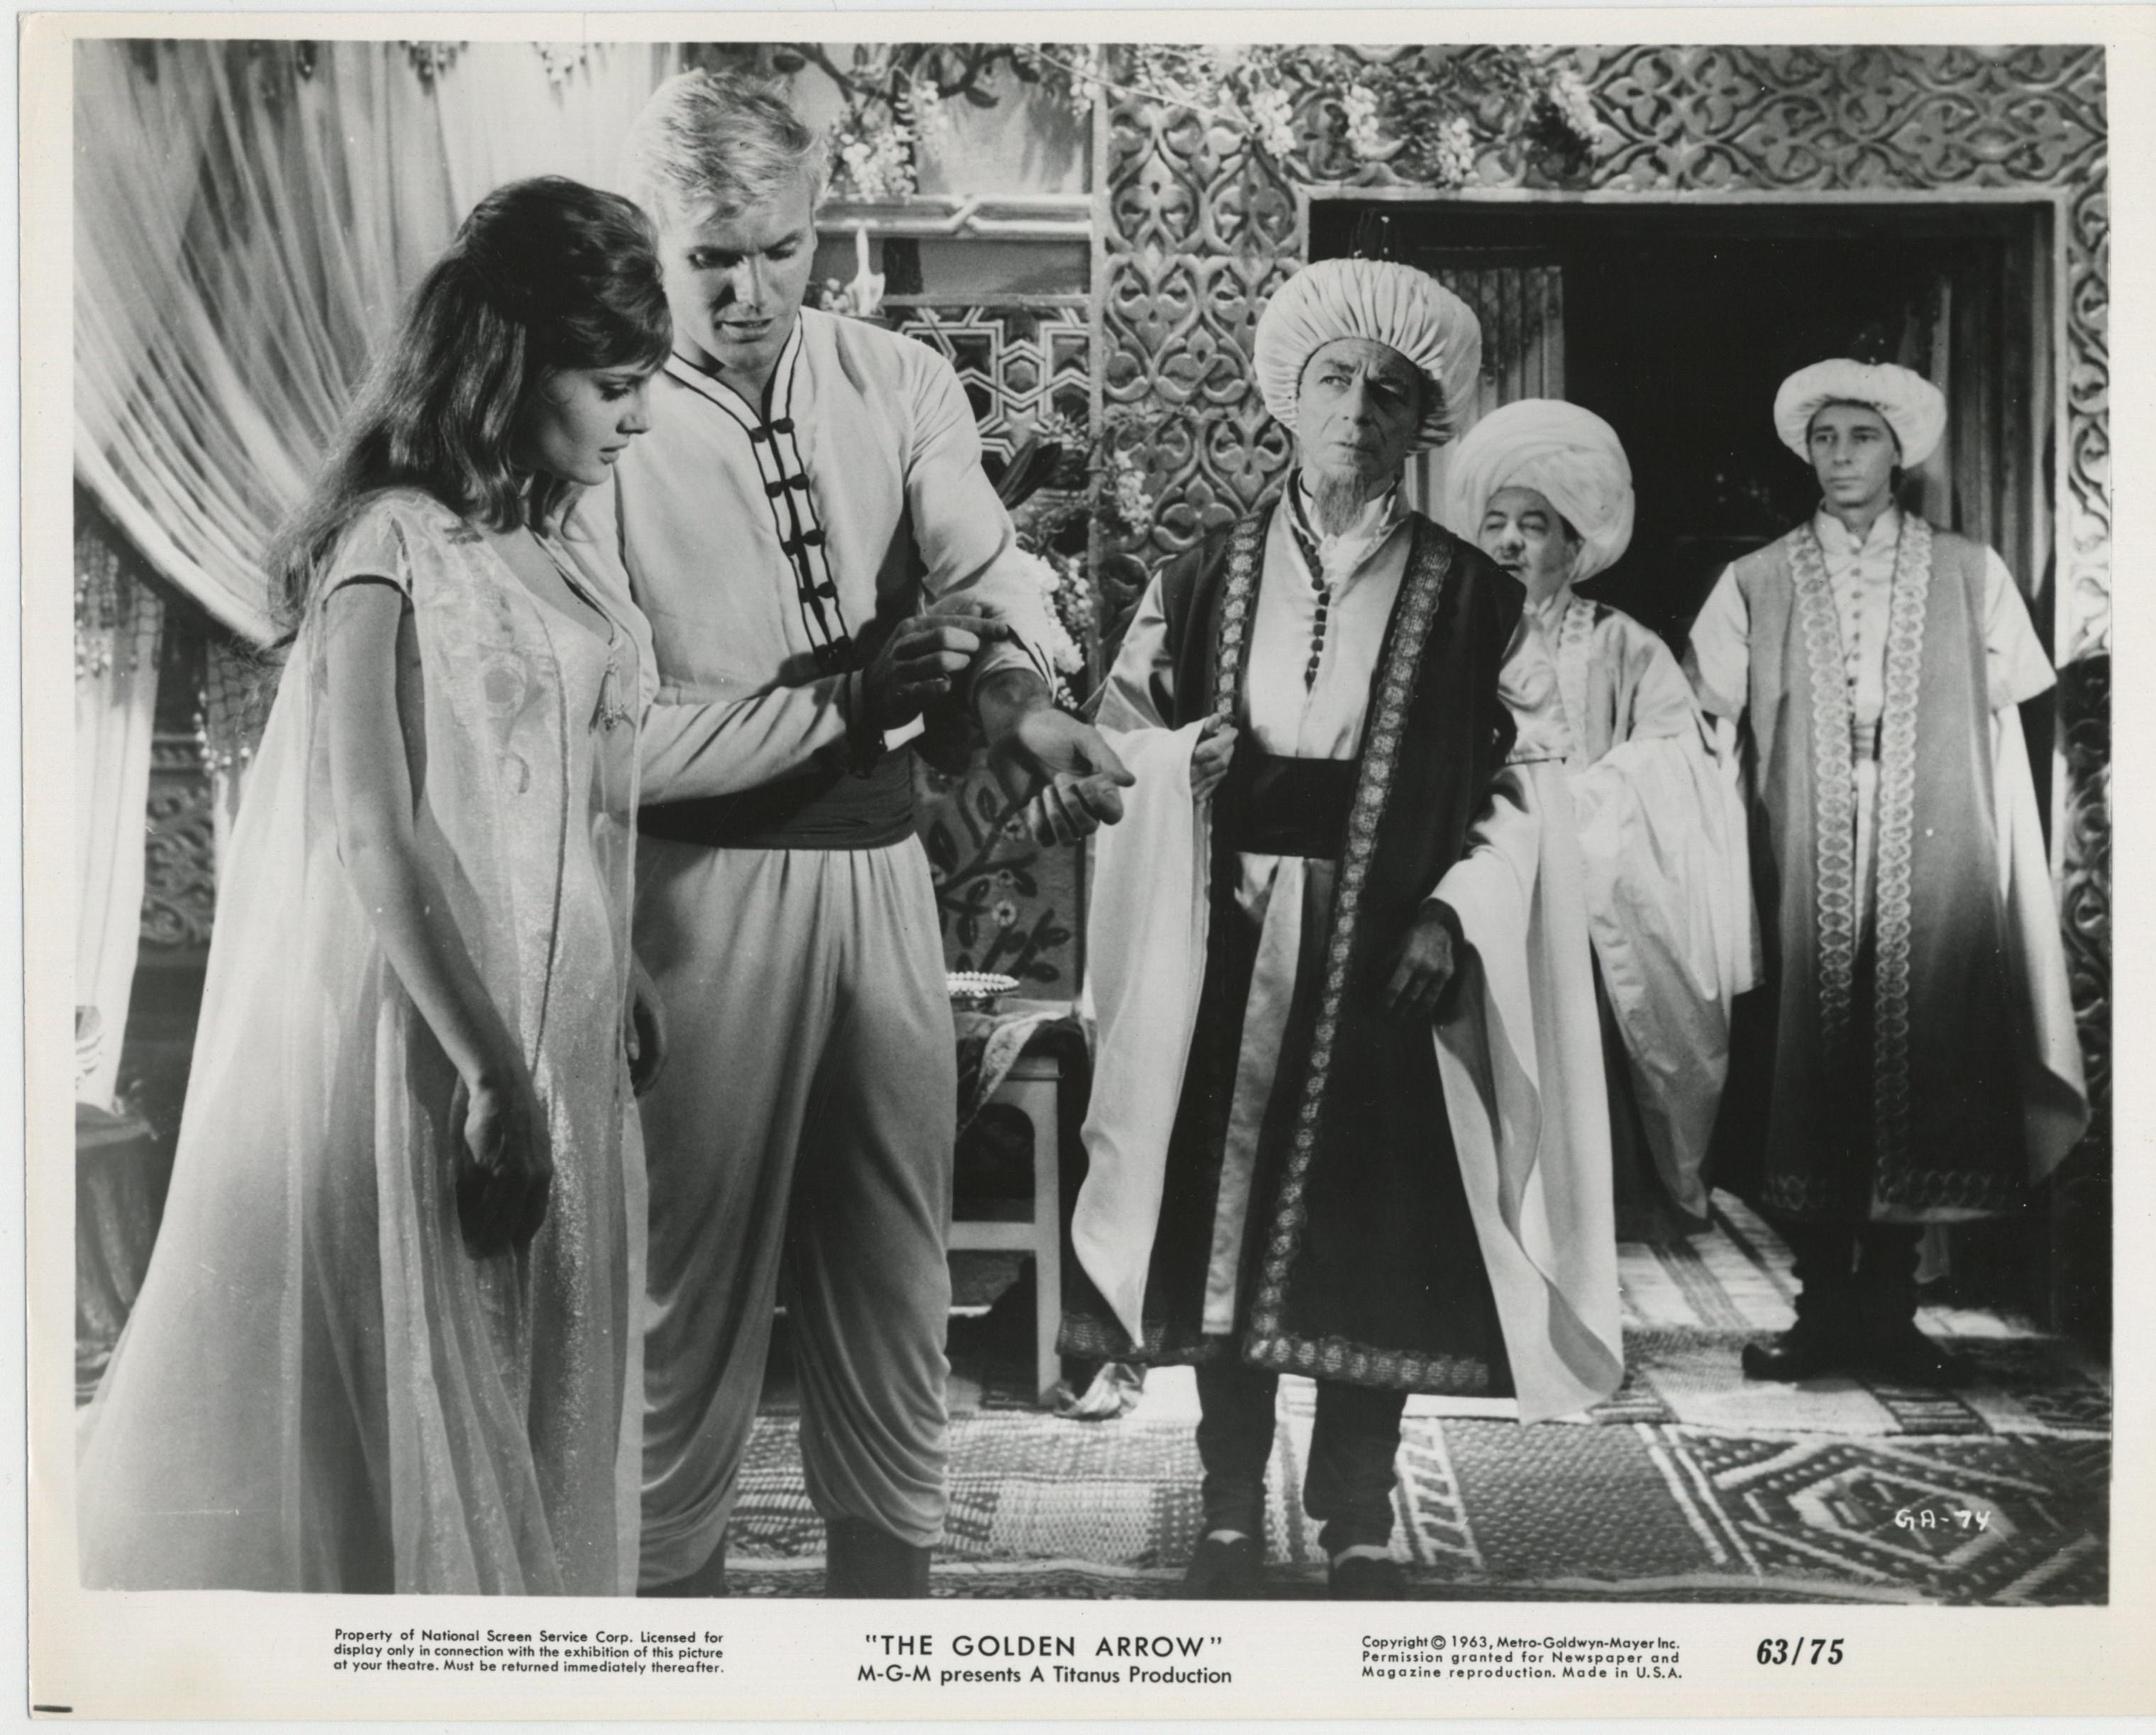 Tab Hunter, Giustino Durano, Umberto Melnati, Rossana Podestà, and Franco Scandurra in L'arciere delle mille e una notte (1962)